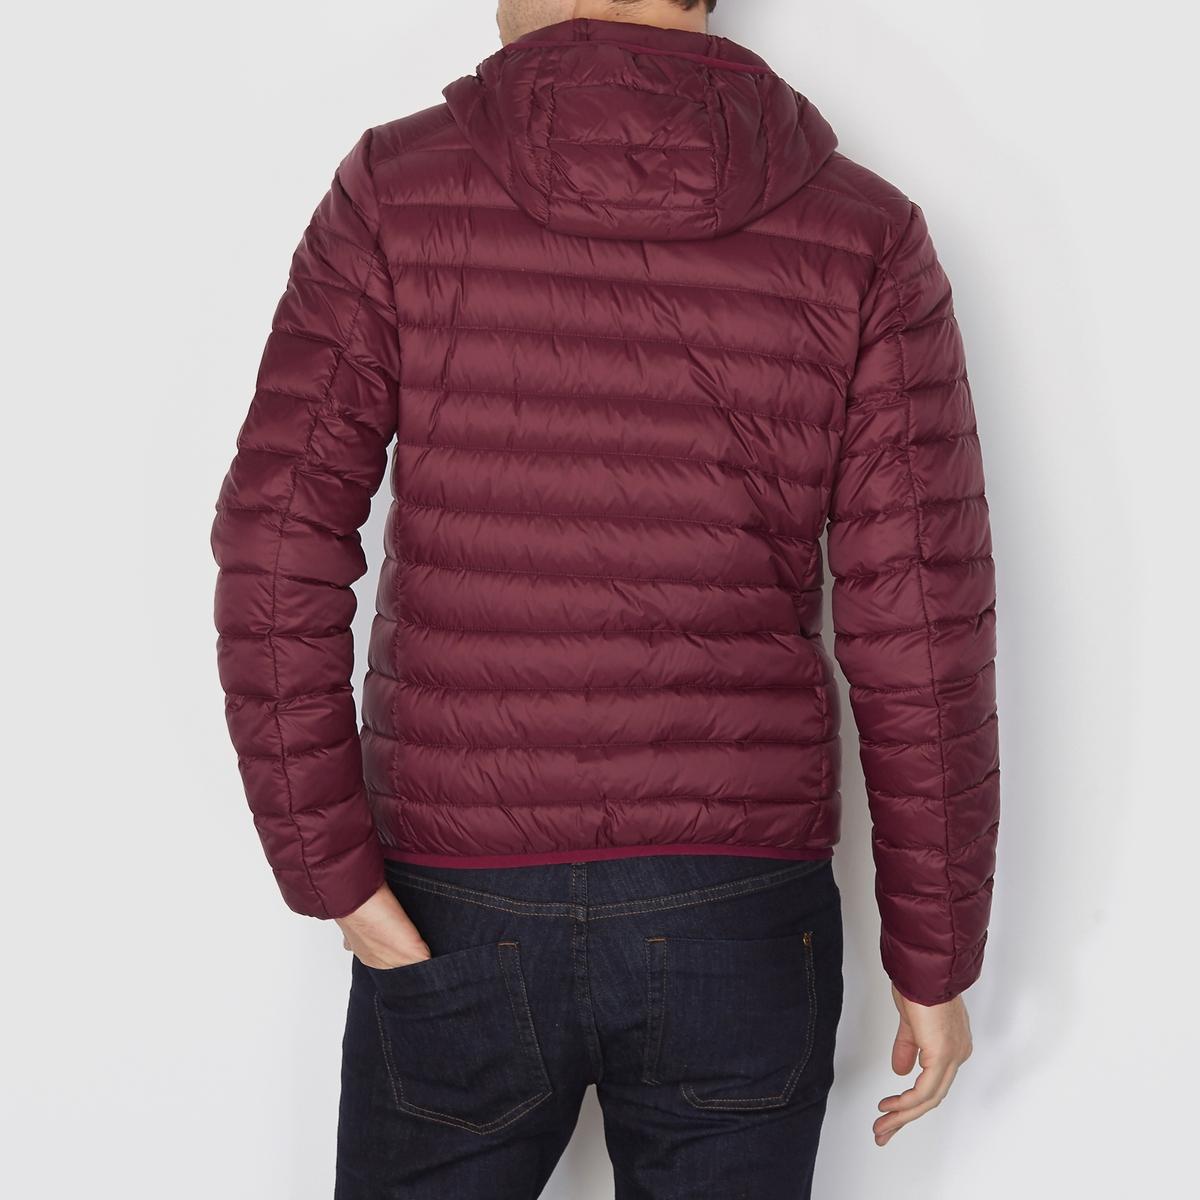 Куртка стеганая тонкая с натуральным наполнителемТонкая стеганая куртка с капюшоном. Застежка на молнию спереди. 2 кармана по бокам.                                                    Состав и описание                                      Материал :  100% переработанного полиэстера                                      Марка : R essentiel                                                                              Уход                                      Машинная стирка  : при 30 °C                                      Сушка : машинная сушка запрещена                                       Глажка: не гладить<br><br>Цвет: бордовый,зеленый,темно-синий<br>Размер: L.3XL.L.XXL.XS.M.XL.XXL.3XL